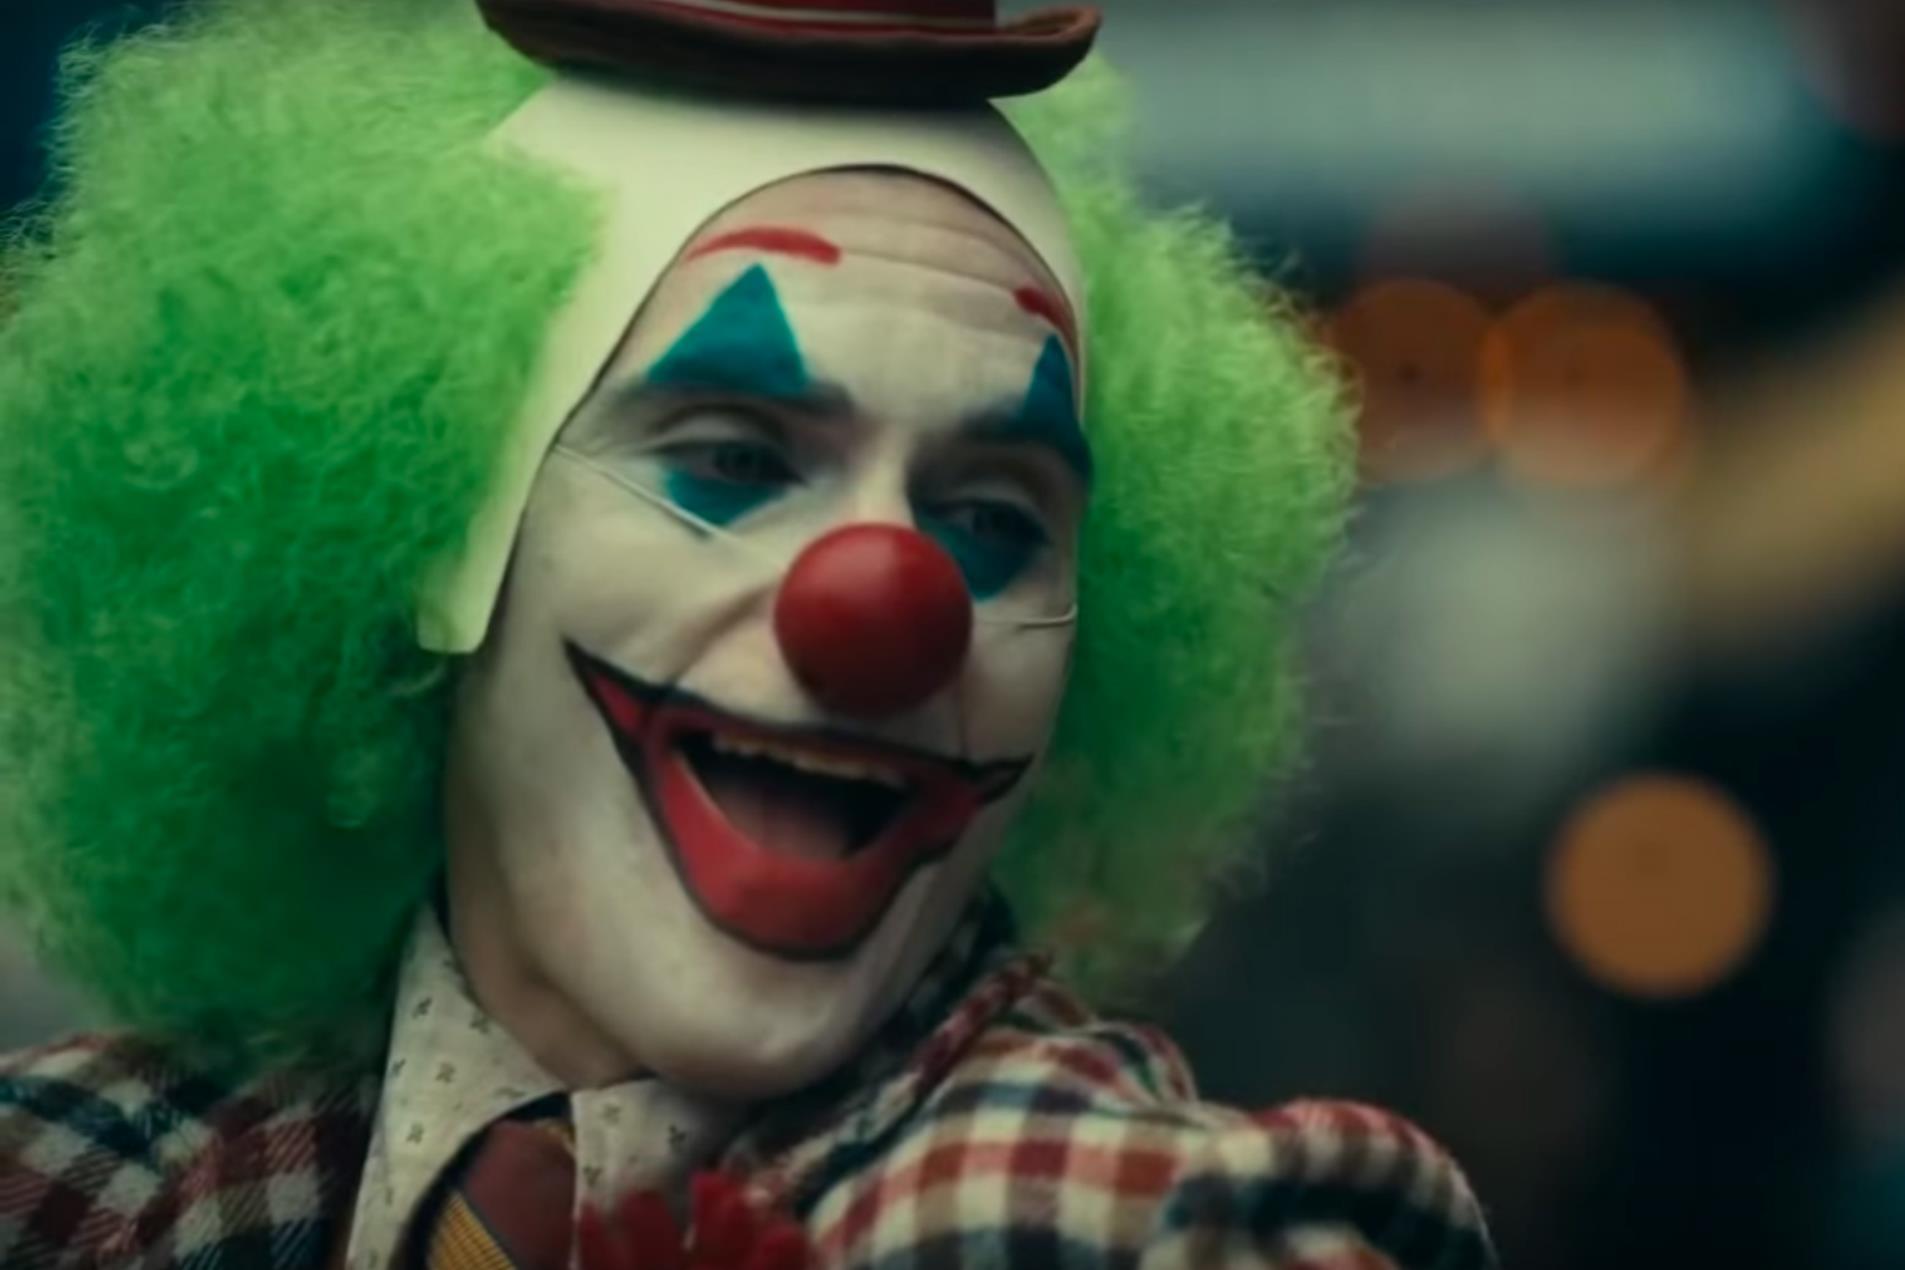 Martin Scorsesét teljesen hidegen hagyja a Joker